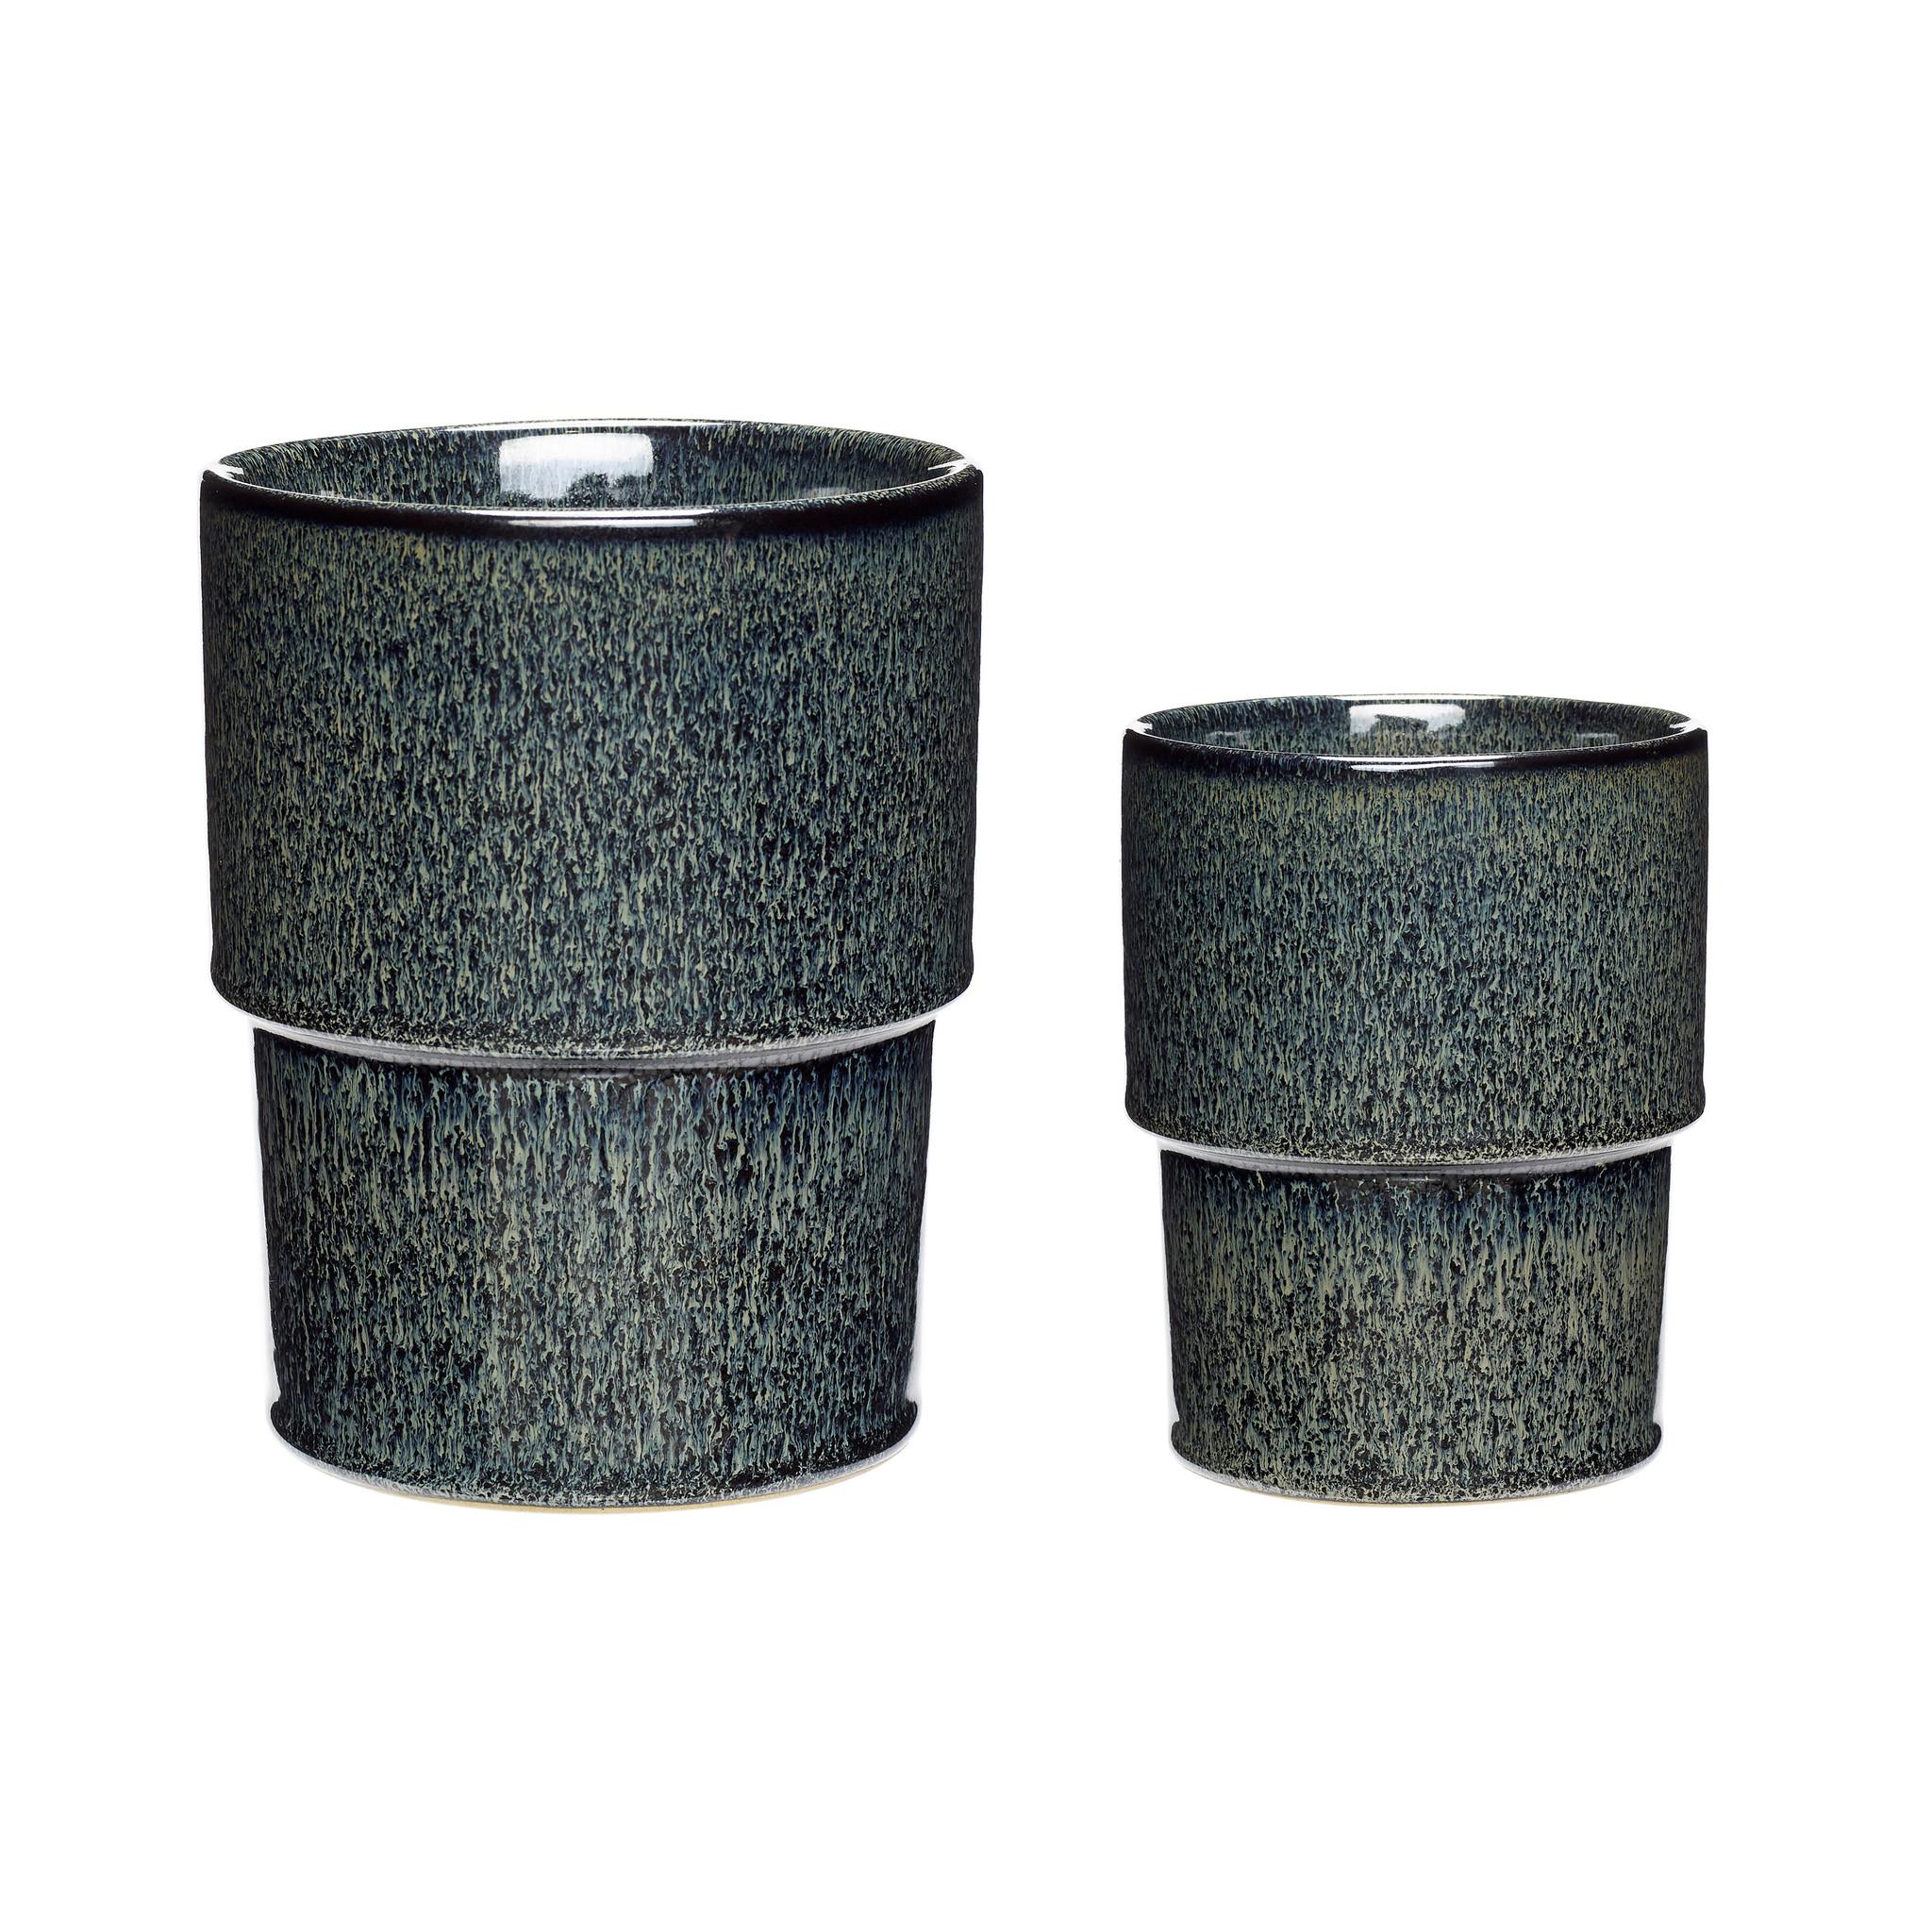 Hubsch Pot, keramiek, blauw / groen, set van 2